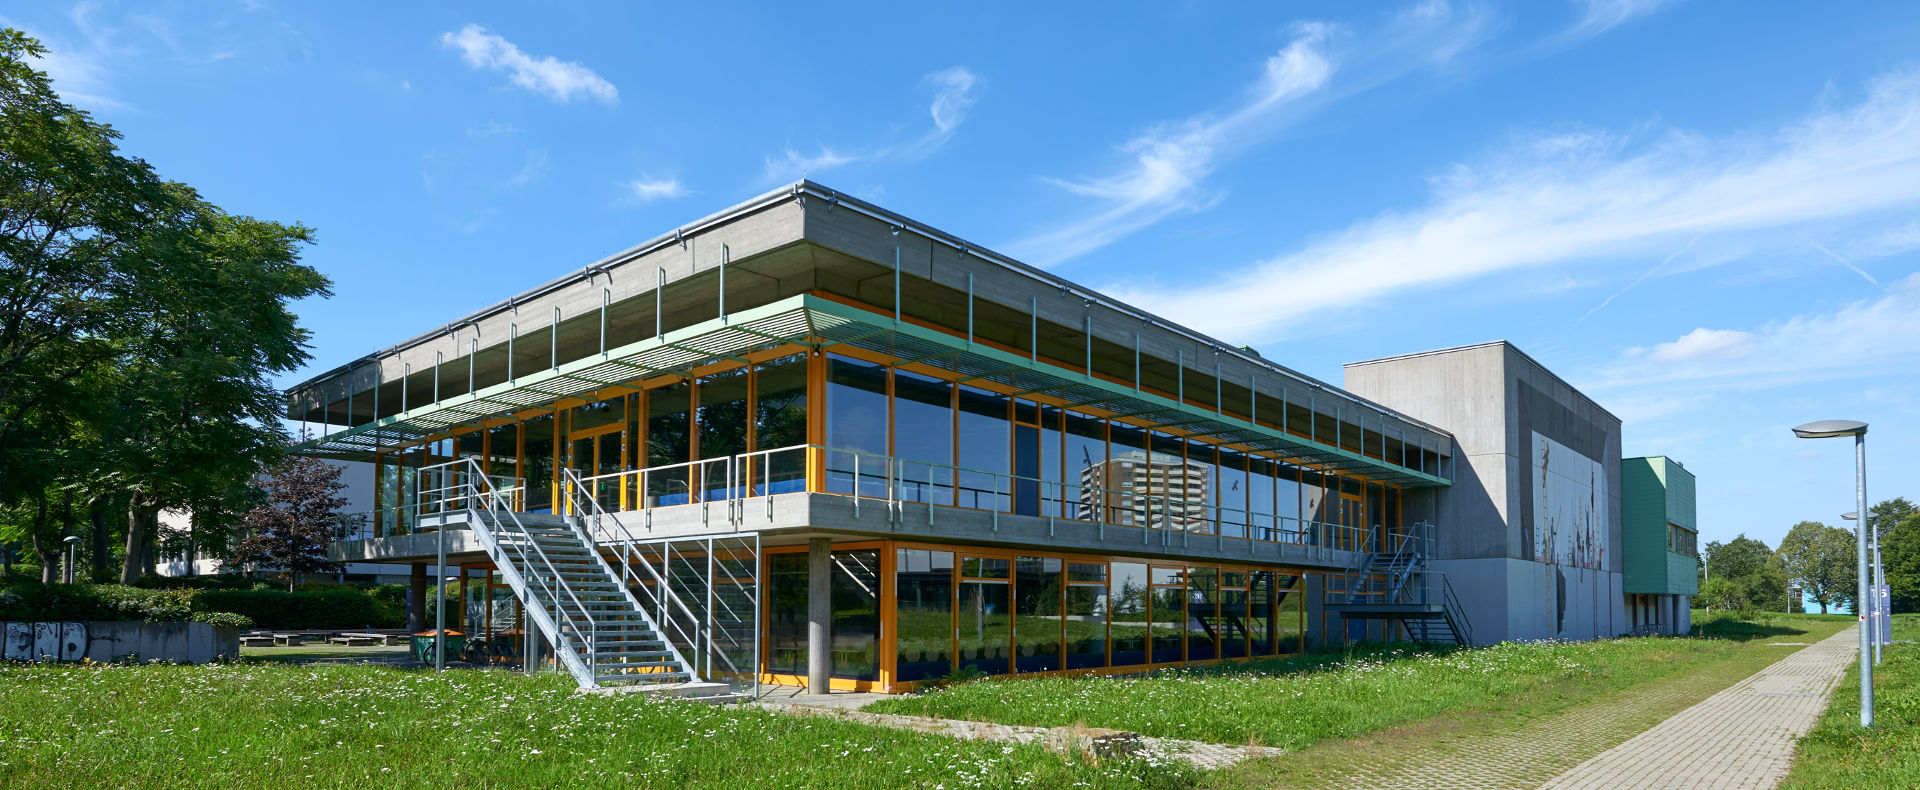 Architekten Reutlingen mensa hochschule in reutlingen l e k architekten